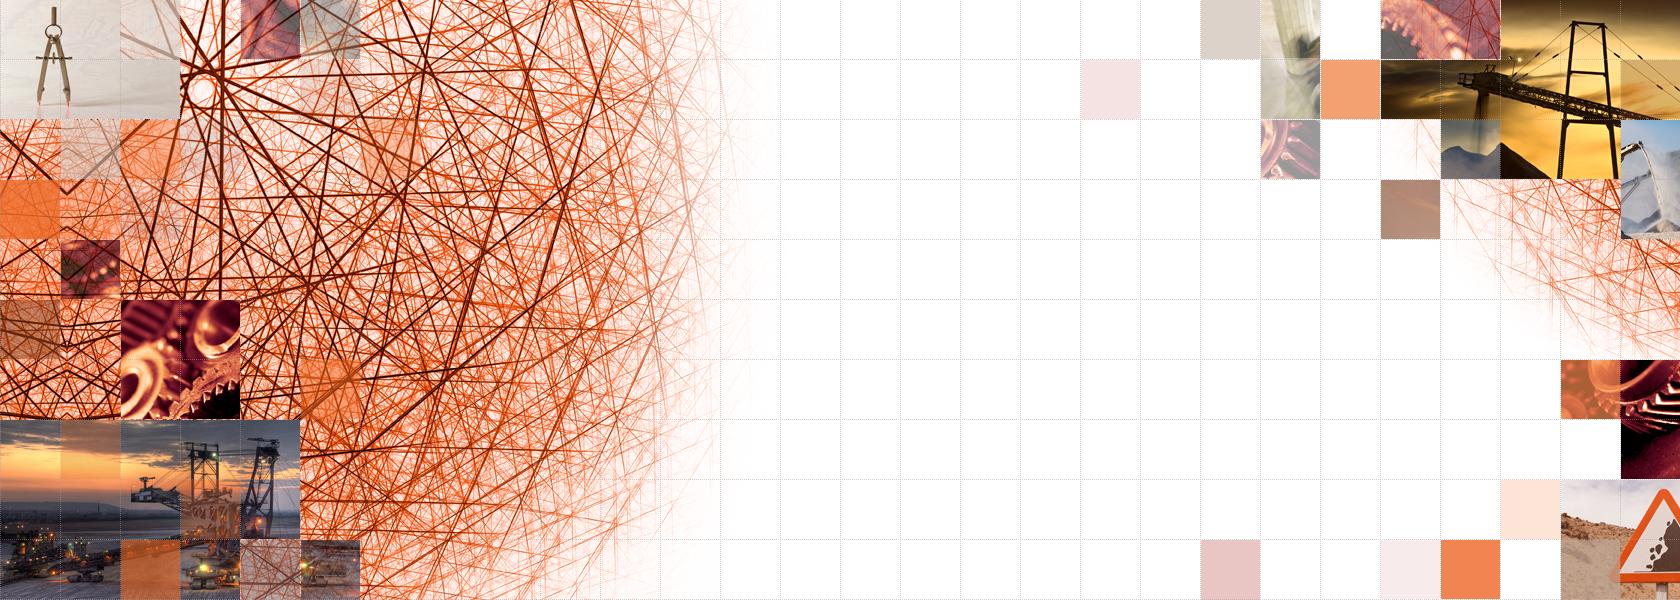 Titelbild Startseite, Gitternetz